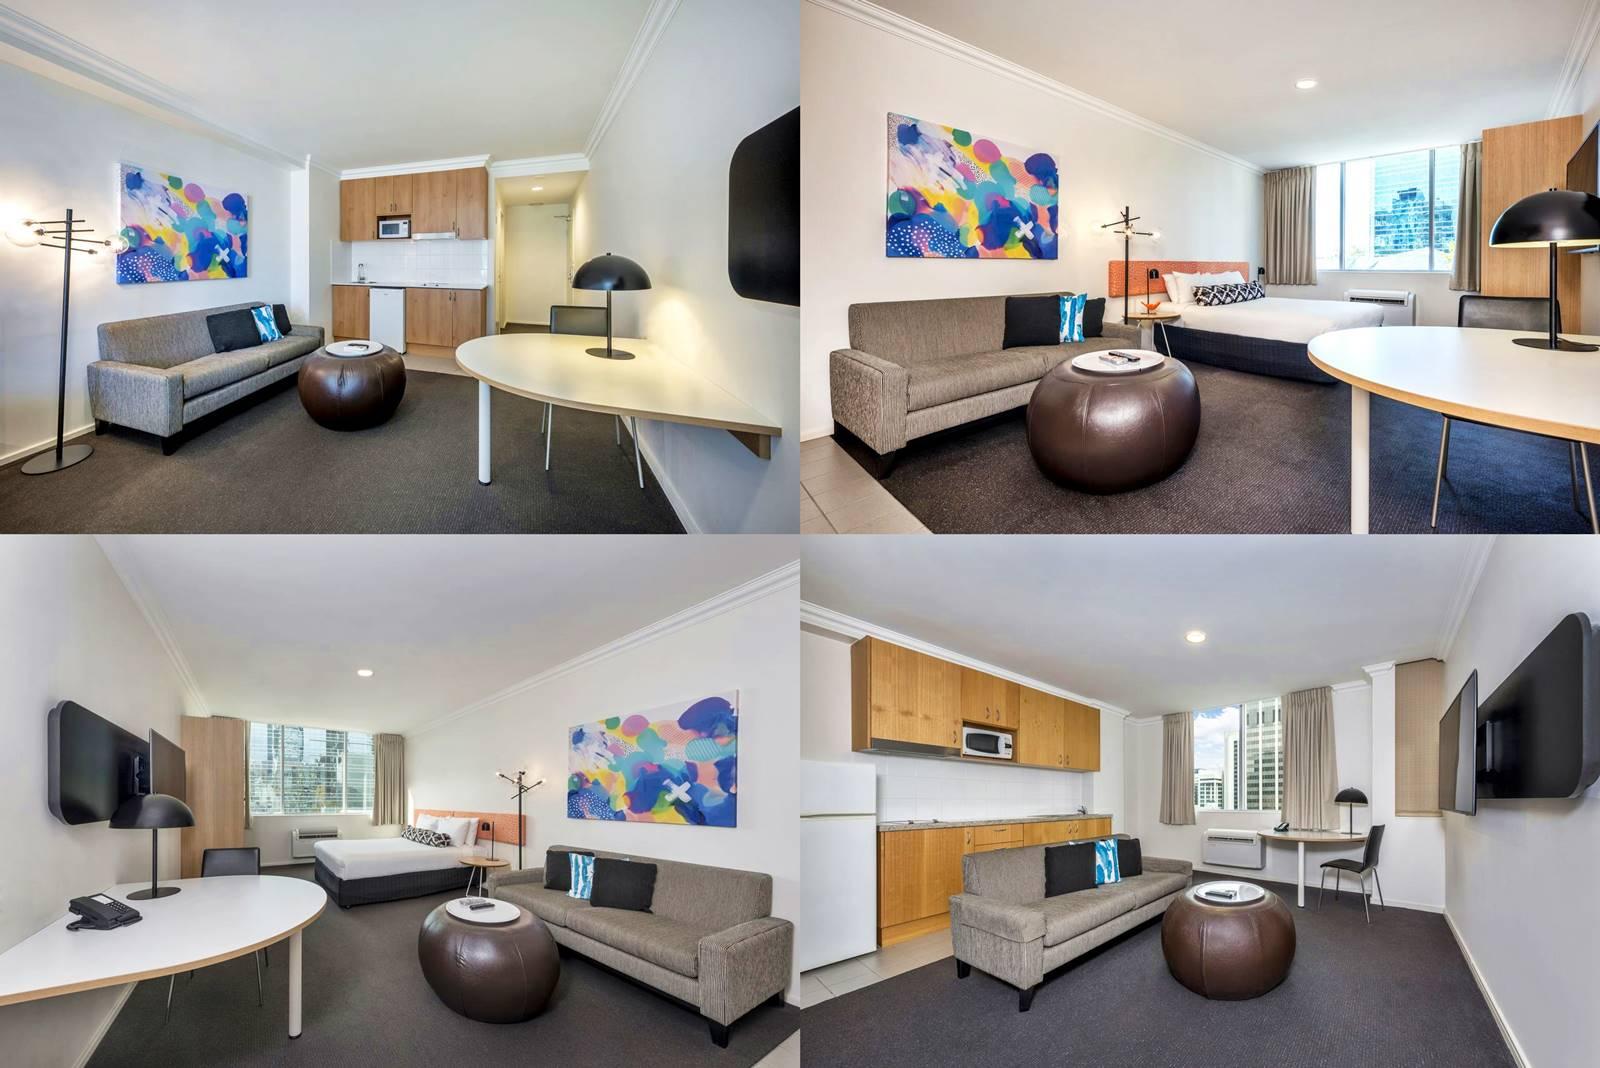 伯斯-市區-住宿-推薦-飯店-旅館-民宿-酒店-公寓-曼特拉安默里酒店-Mantra on Murray-便宜-CP值-自由行-觀光-旅遊-Perth-hotel